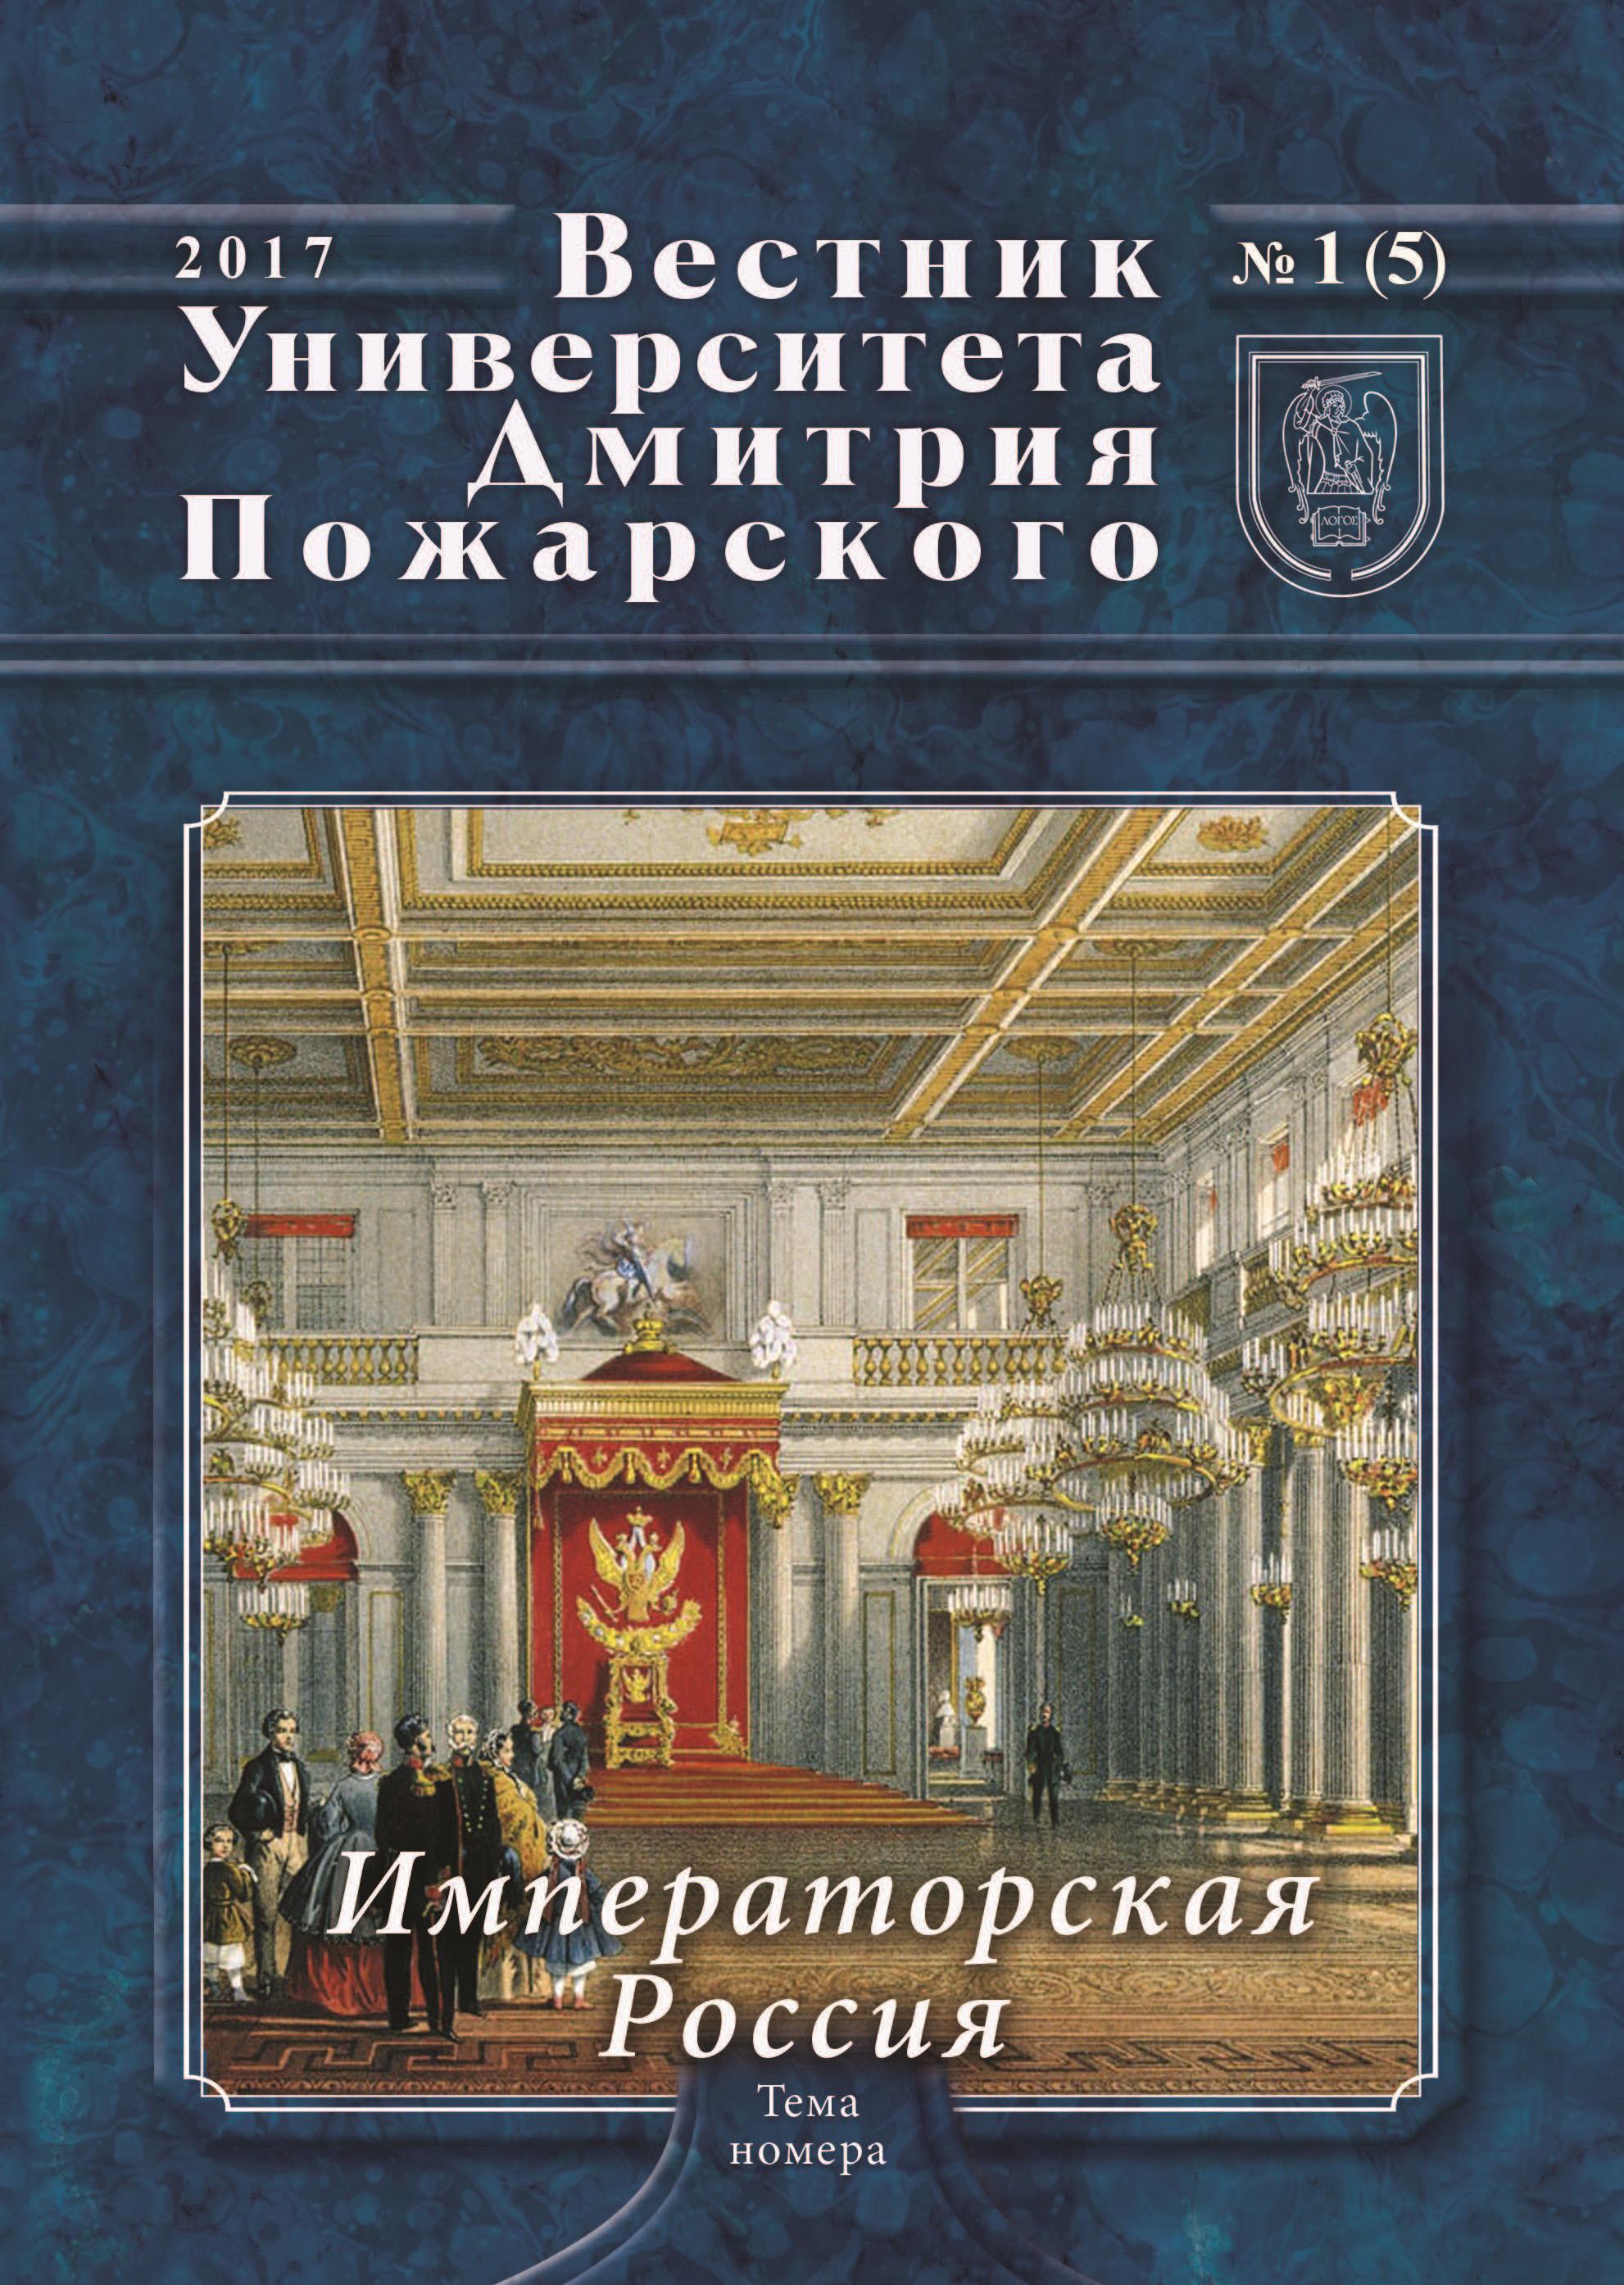 Вестник Университета Дмитрия Пожарского. 2017, №1(5). Императорская Россия